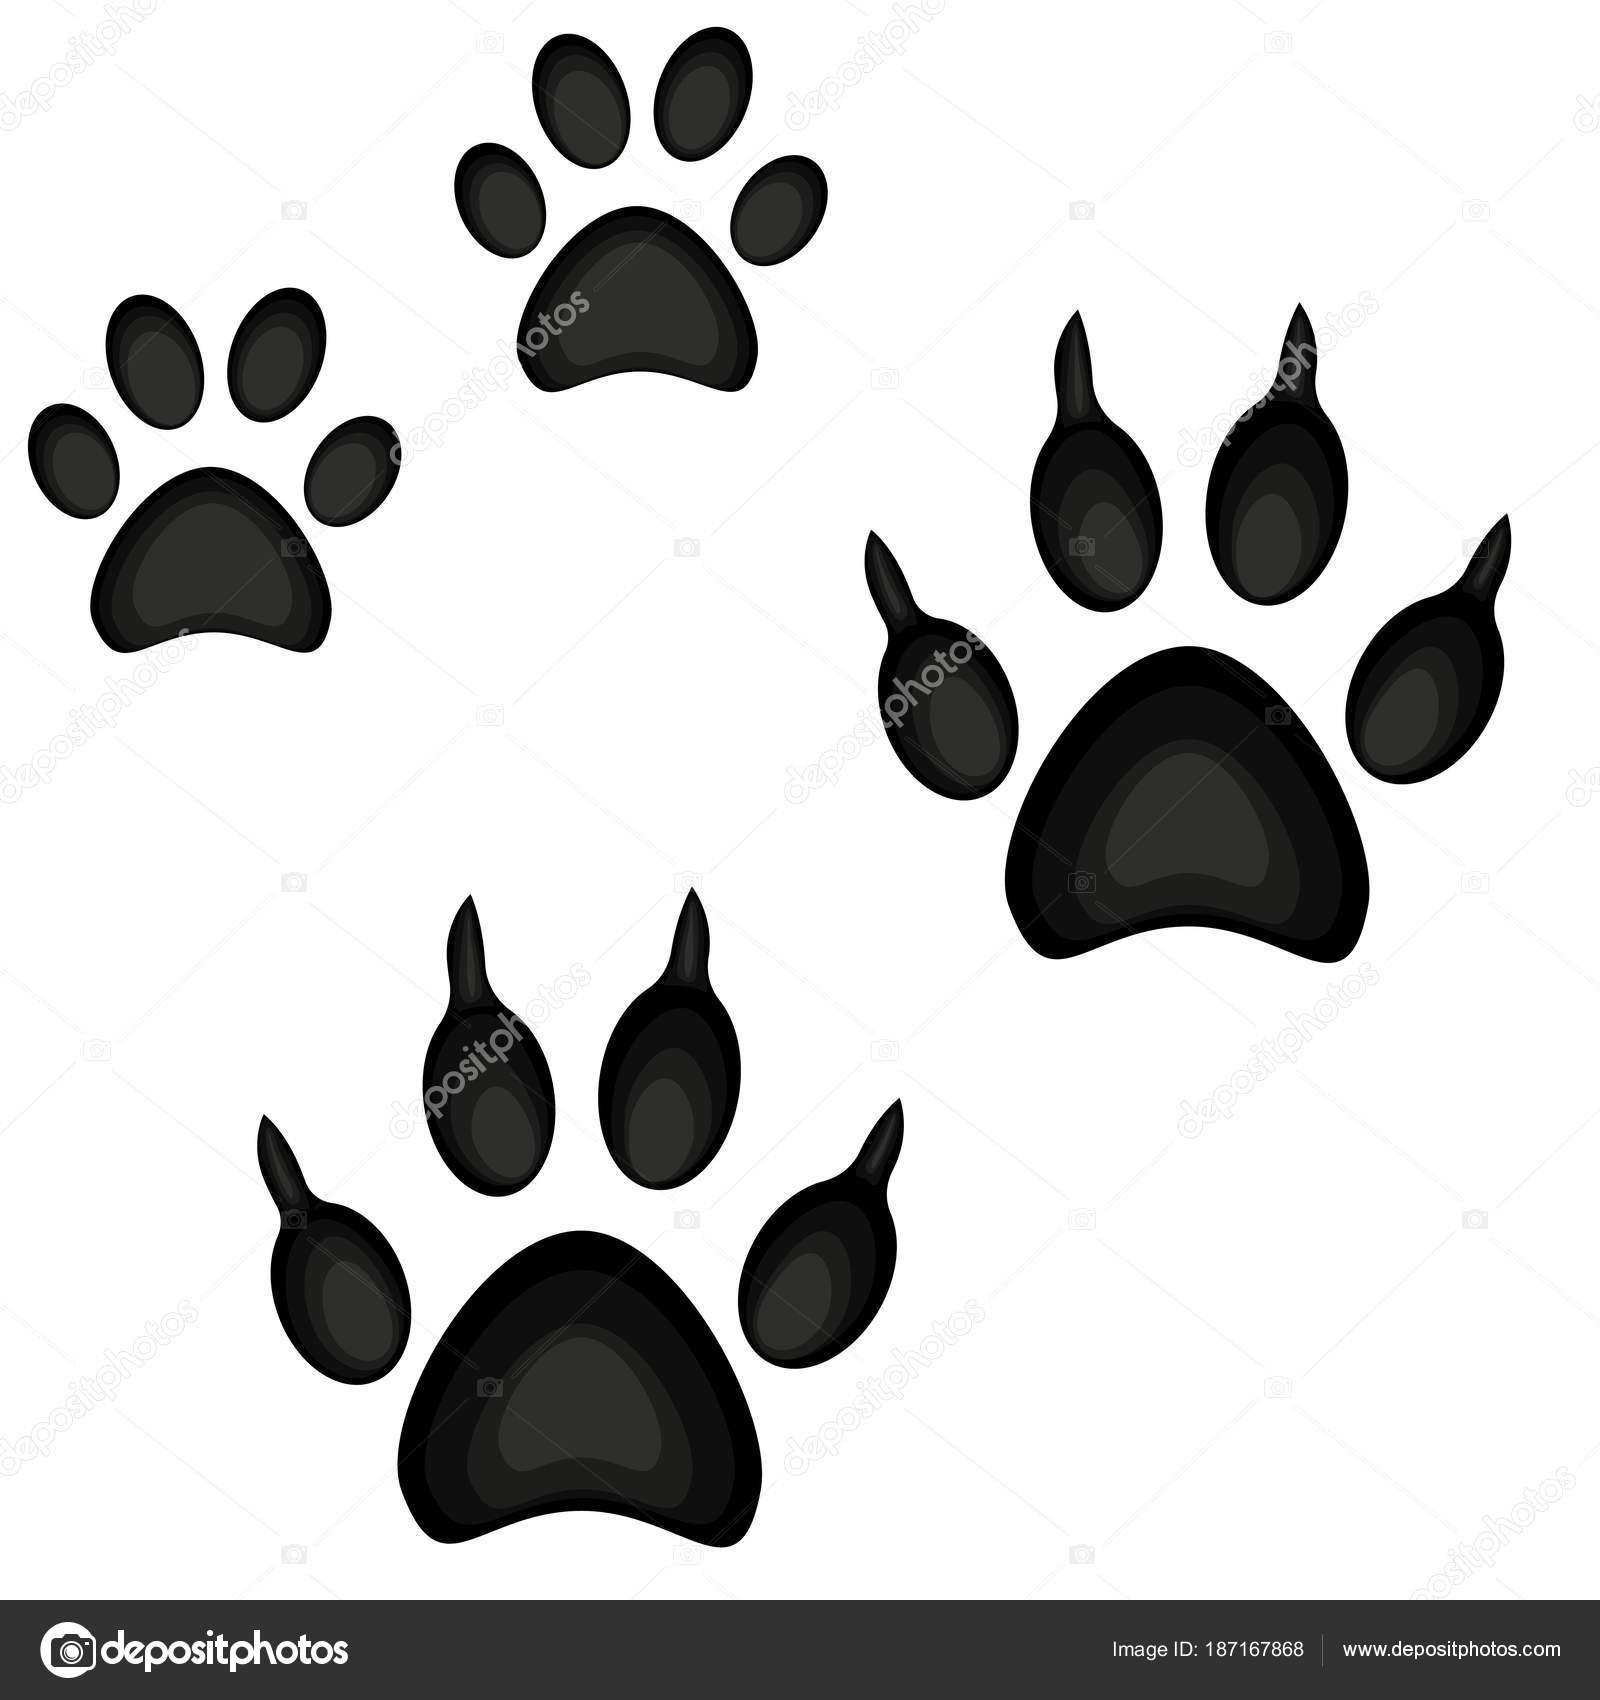 9a78f0849caf5 Icono de la huella de pata de coloridos dibujos animados gato perro cartel  set. Ilustración de vector temático para la tarjeta de regalo